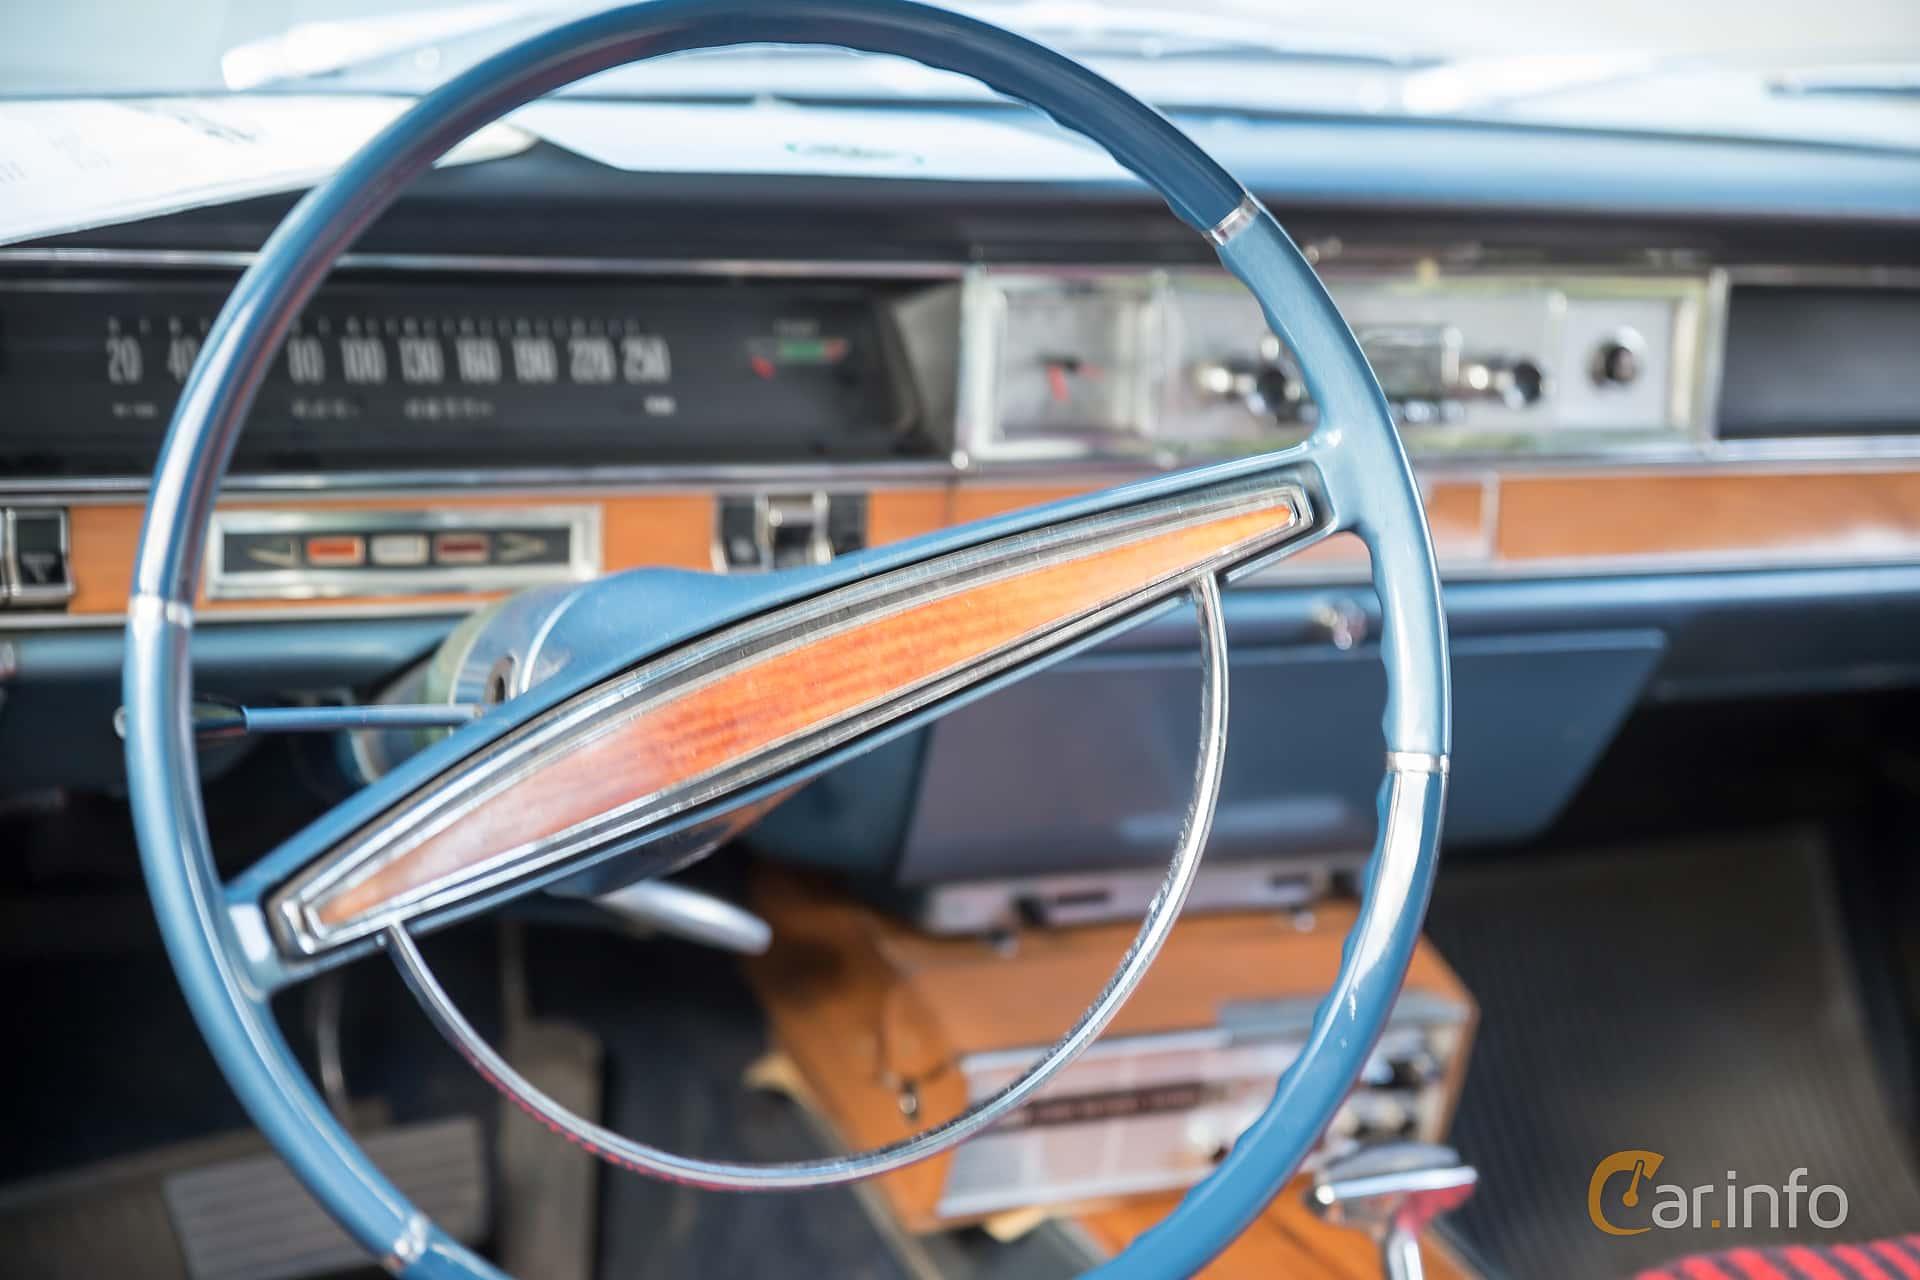 Opel Diplomat 4.6 V8 Manual, 190hp, 1966 at Classic cars på Sundby gård v35 2015